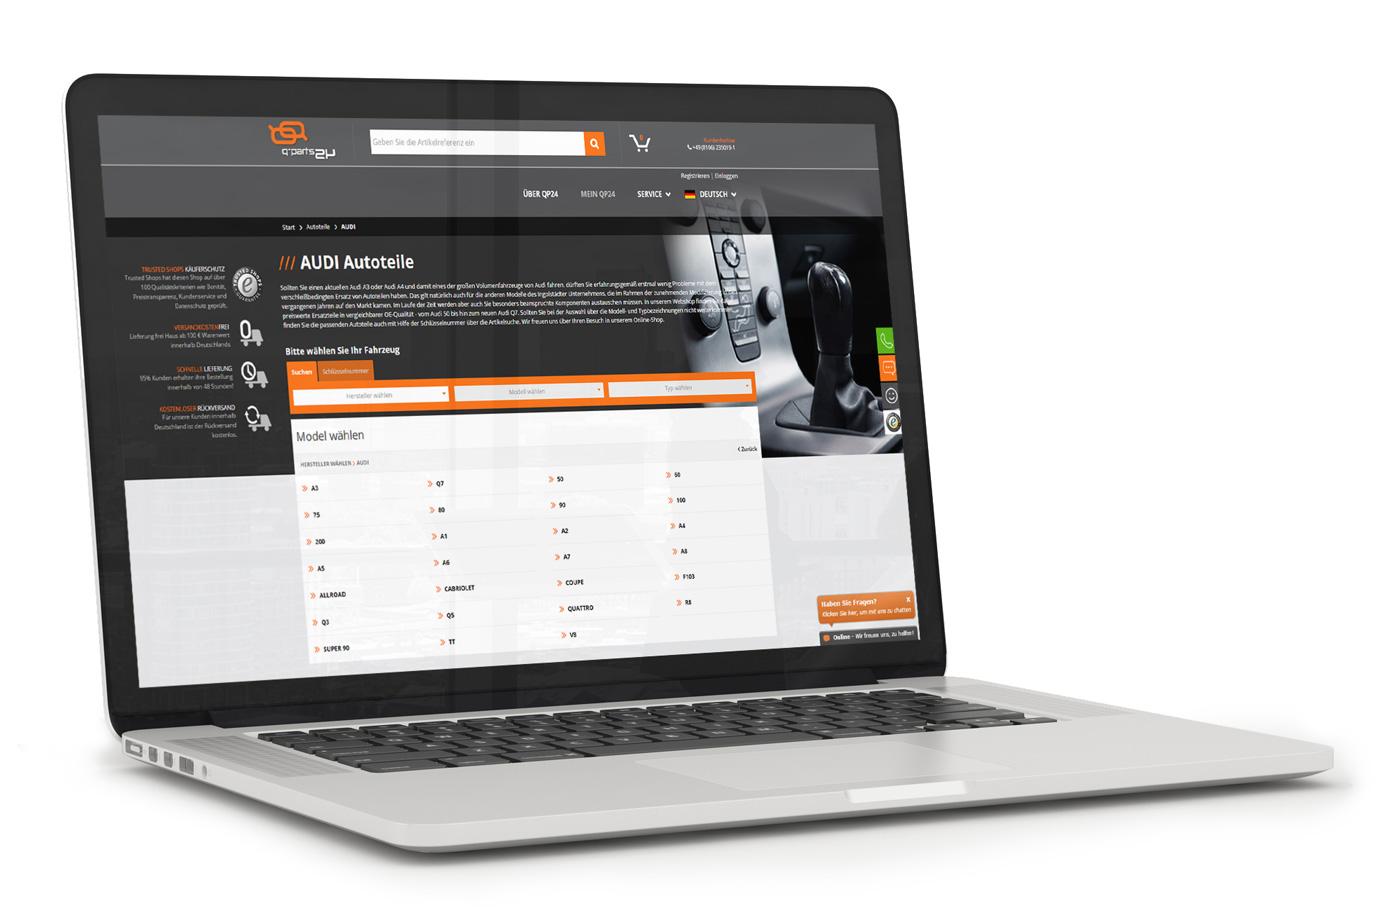 Qparts24 - widok listy produktów w sklepie internetowym